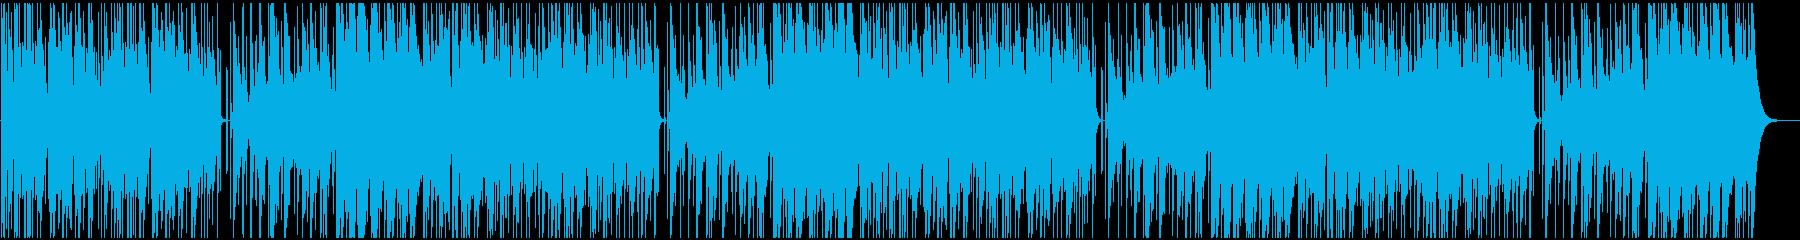 ほのぼのとしたアコギメインのインストの再生済みの波形